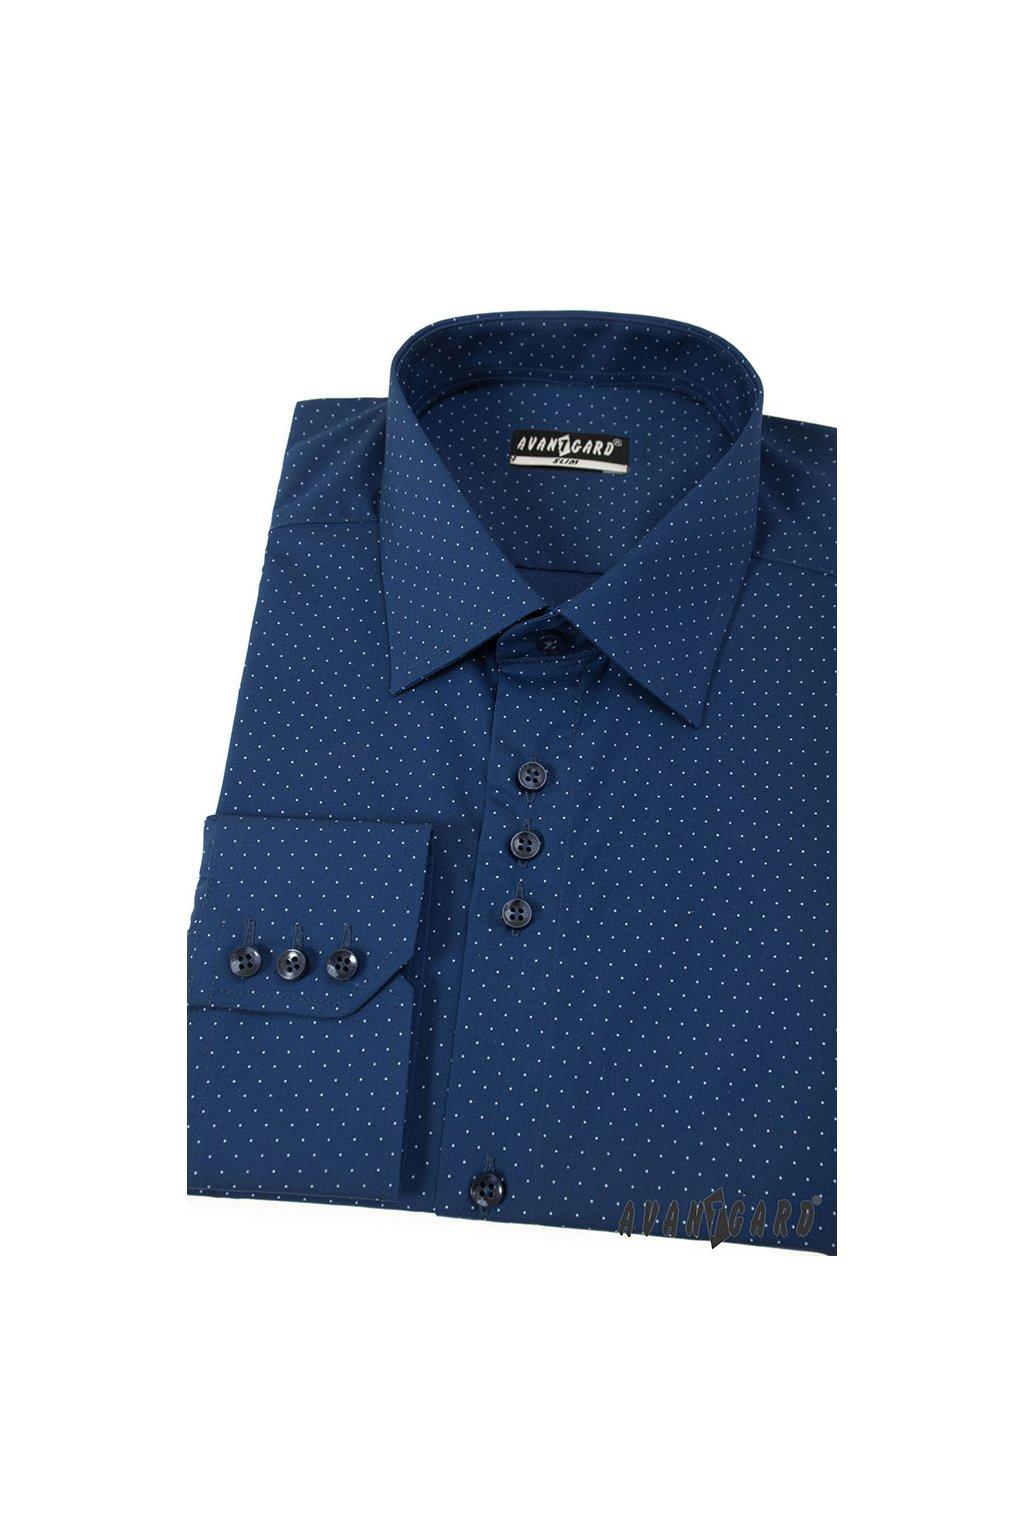 Pánská košile AVANTGARD SLIM dl. ruk. modrá 125 - 3111